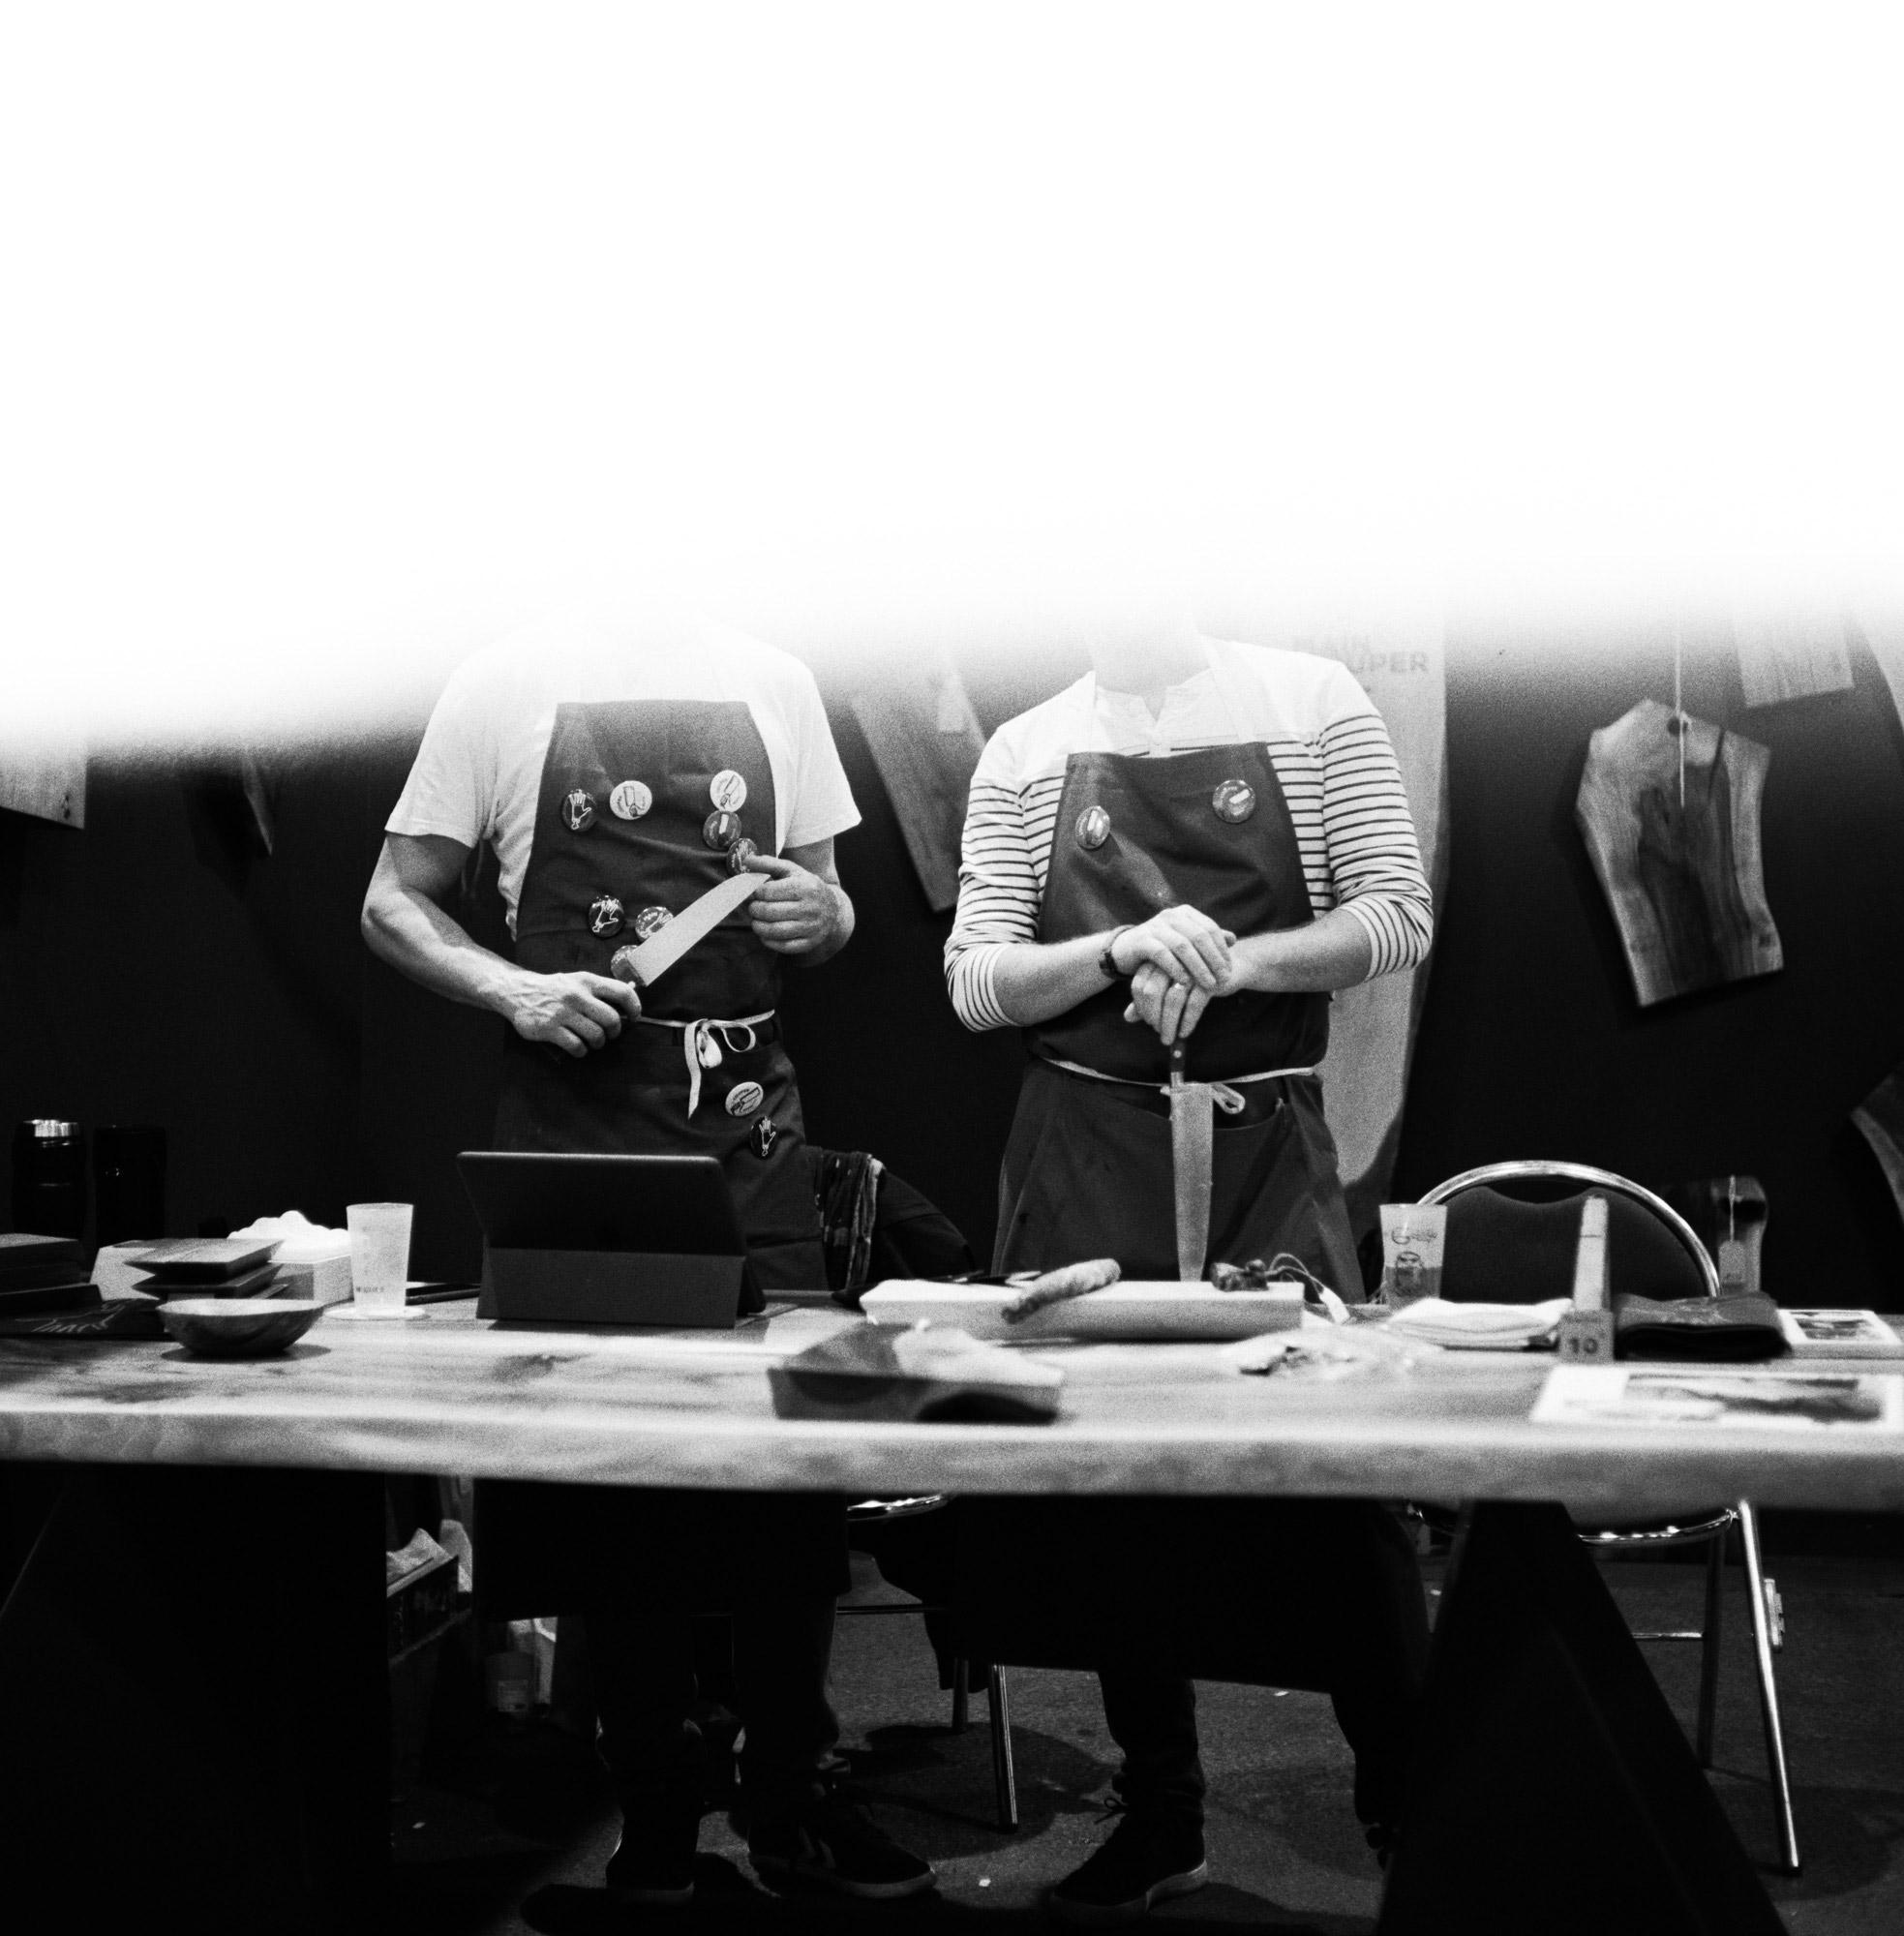 Photos Argentique Atelier-Atelier par Atelier de Cadet Roussel